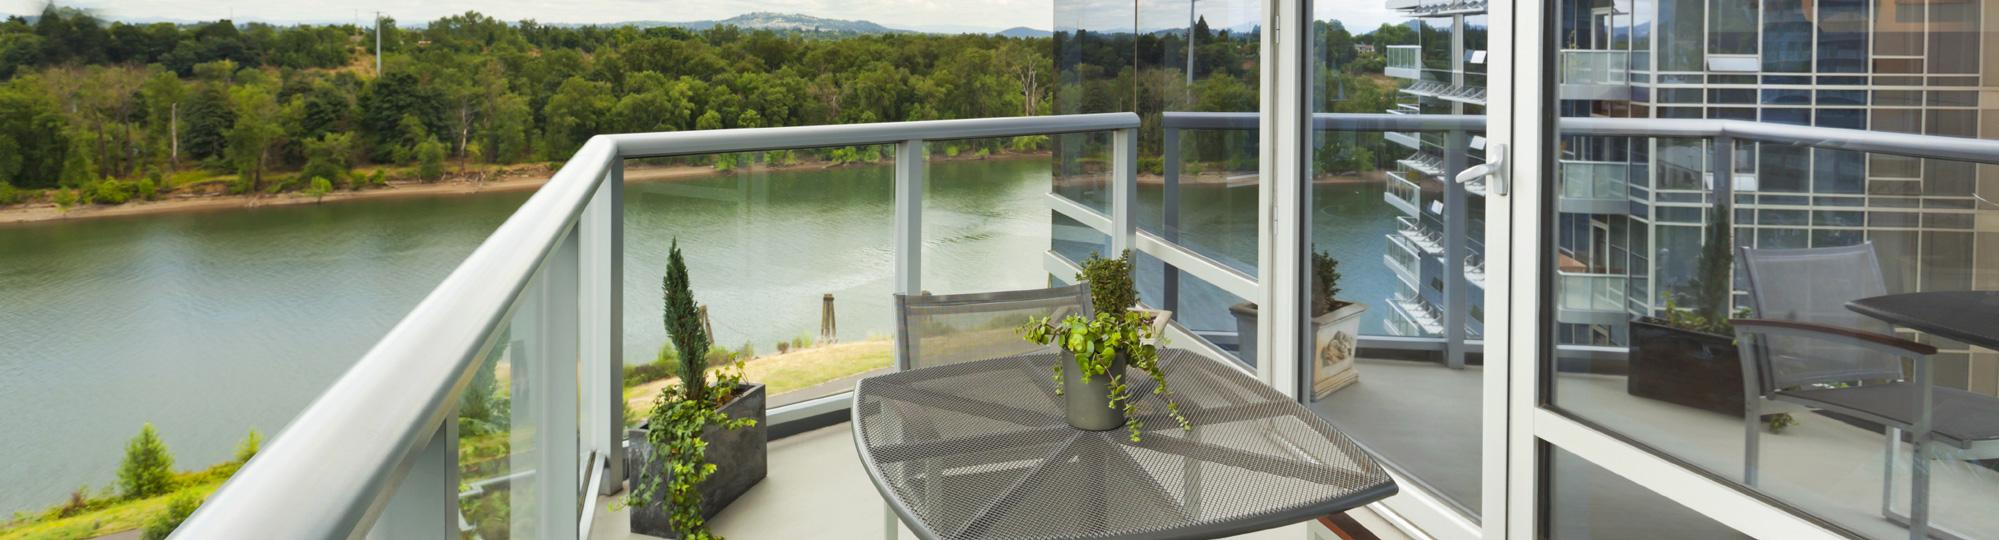 Balkone Balkonbau Wurzen Sachsen